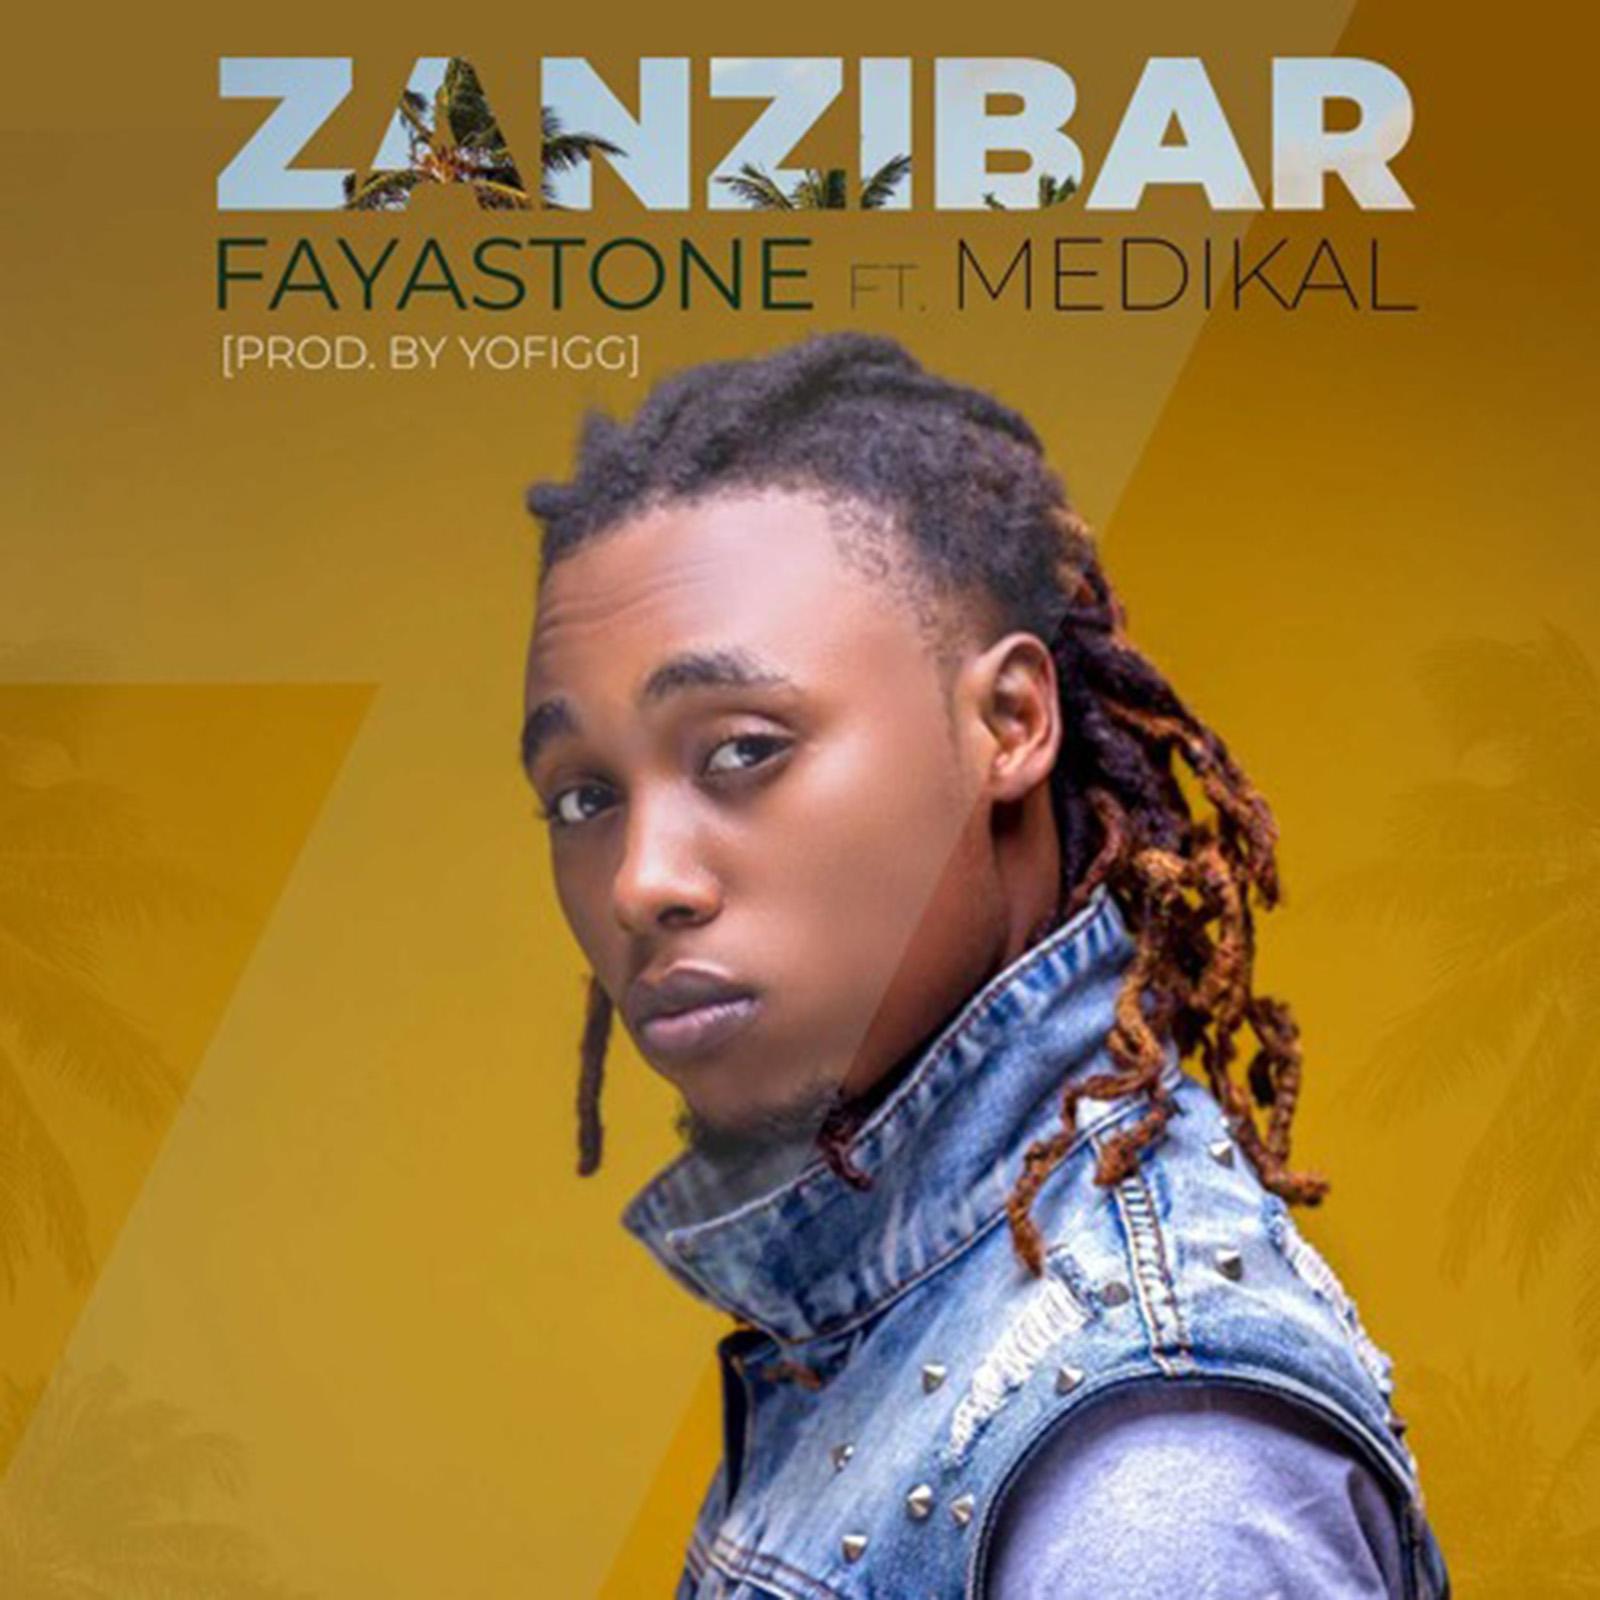 Fayastone by Zanzibar feat. Medikal